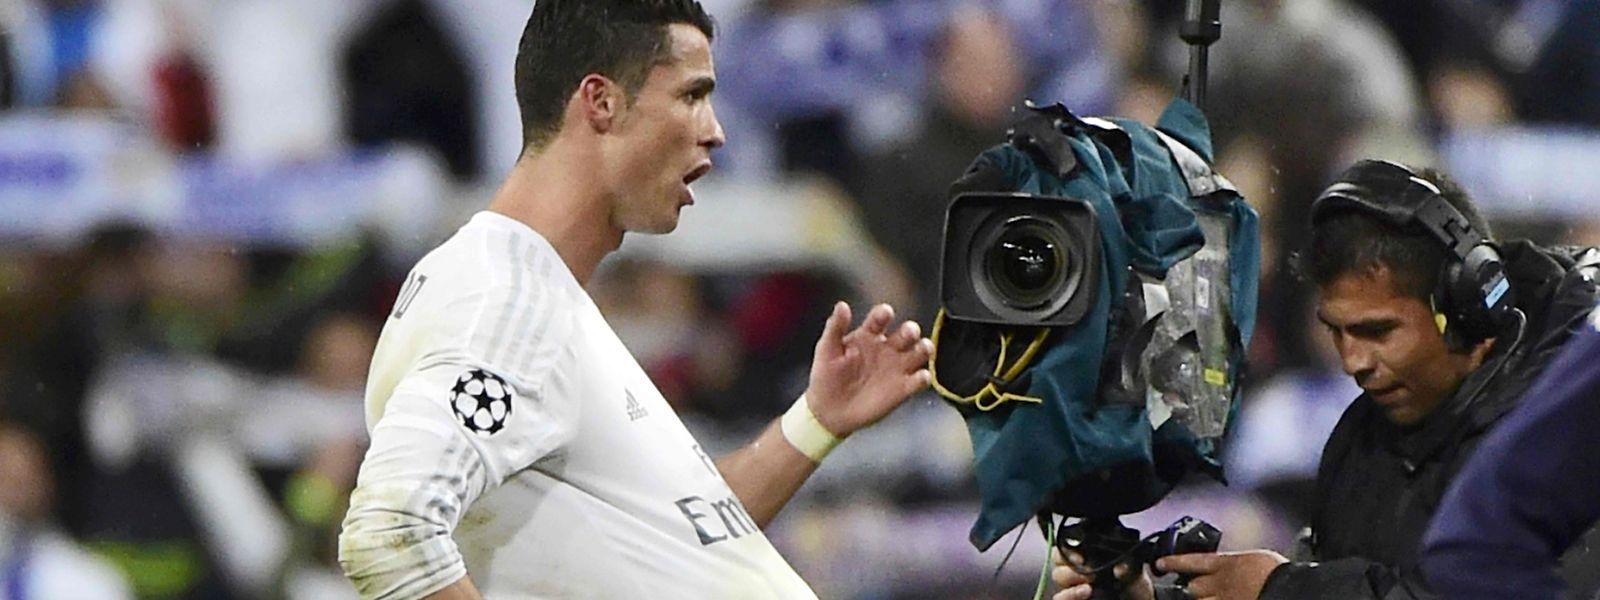 Real Madrid setzt erneut auf die Treffsicherheit von Cristiano Ronaldo.